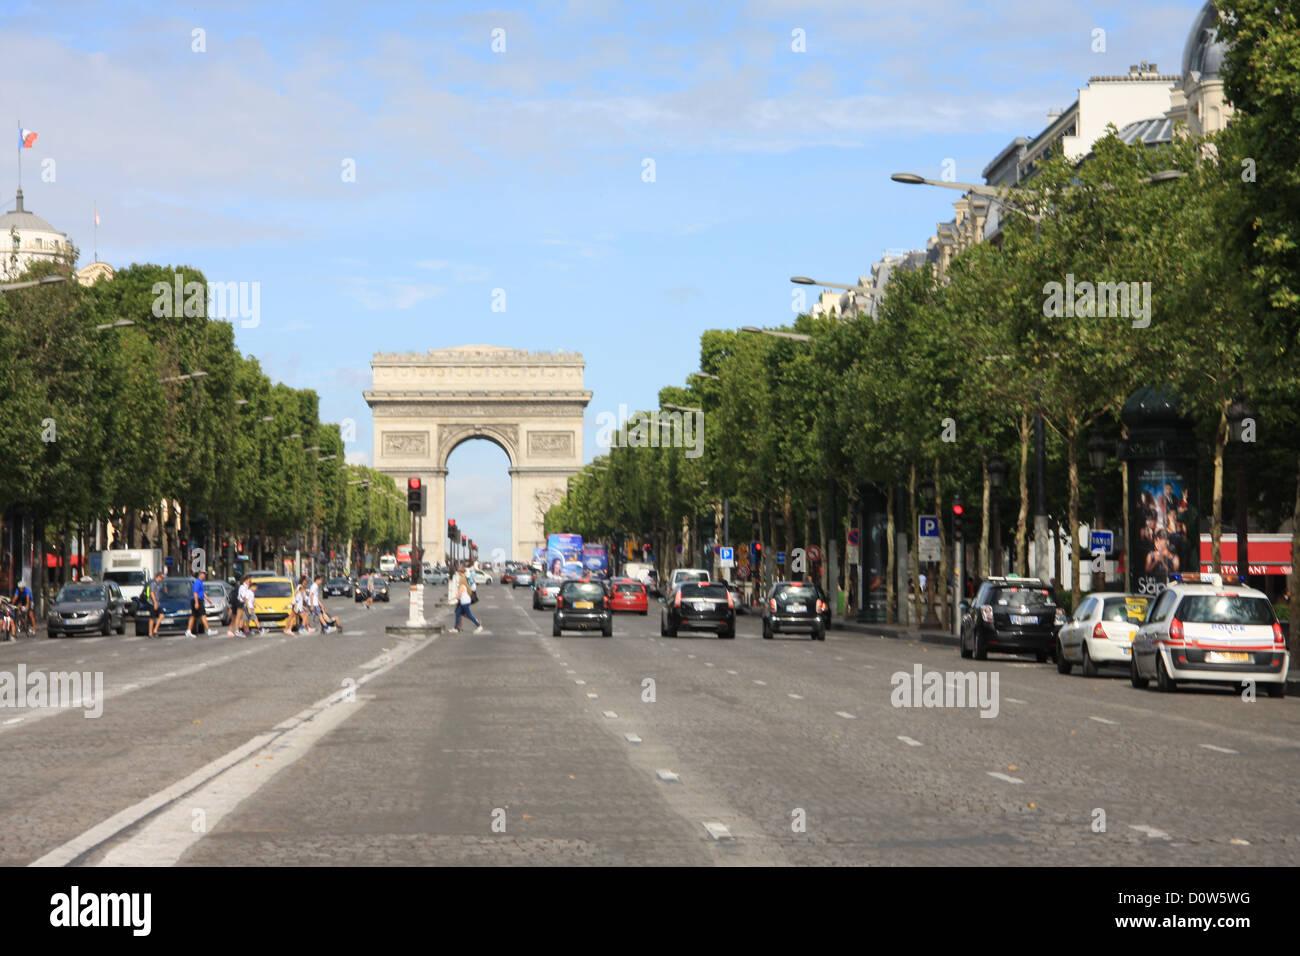 Paris, Europe, France, Champs Elysees, street, avenue, Arc de Triomphe, triumphal arch - Stock Image